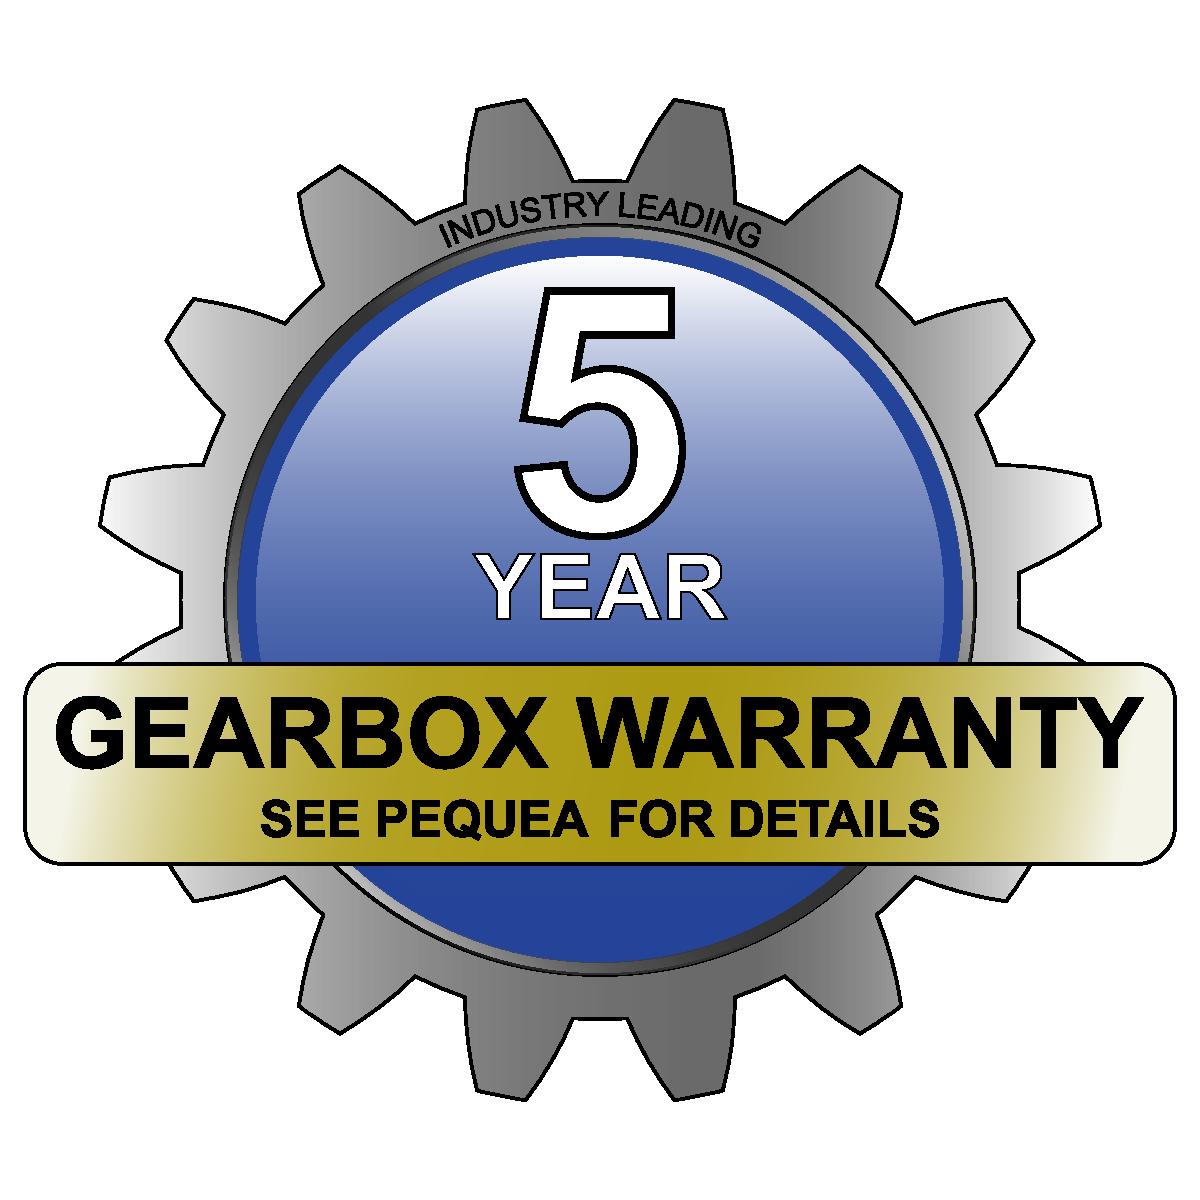 Gearbox Warranty